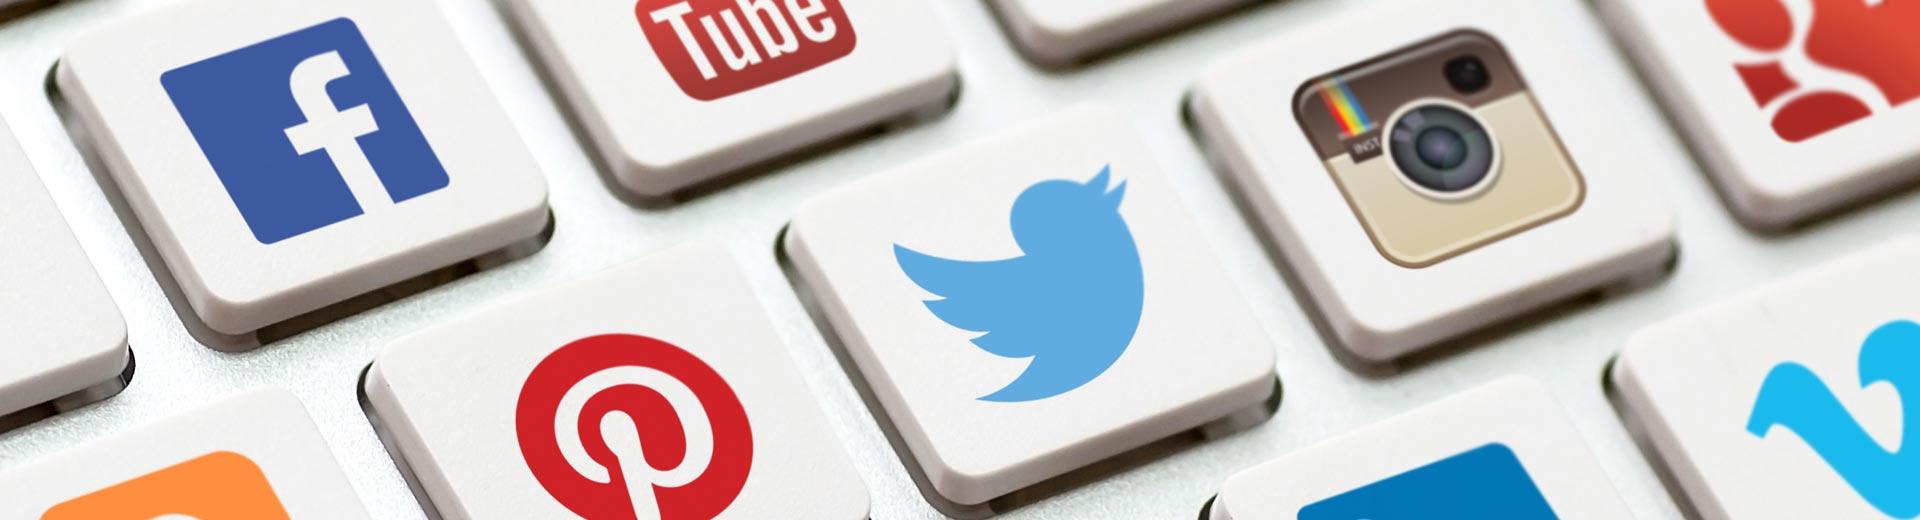 5 σημαντικά tips για καλύτερη χρήση των μέσων κοινωνικής δικτύωσης